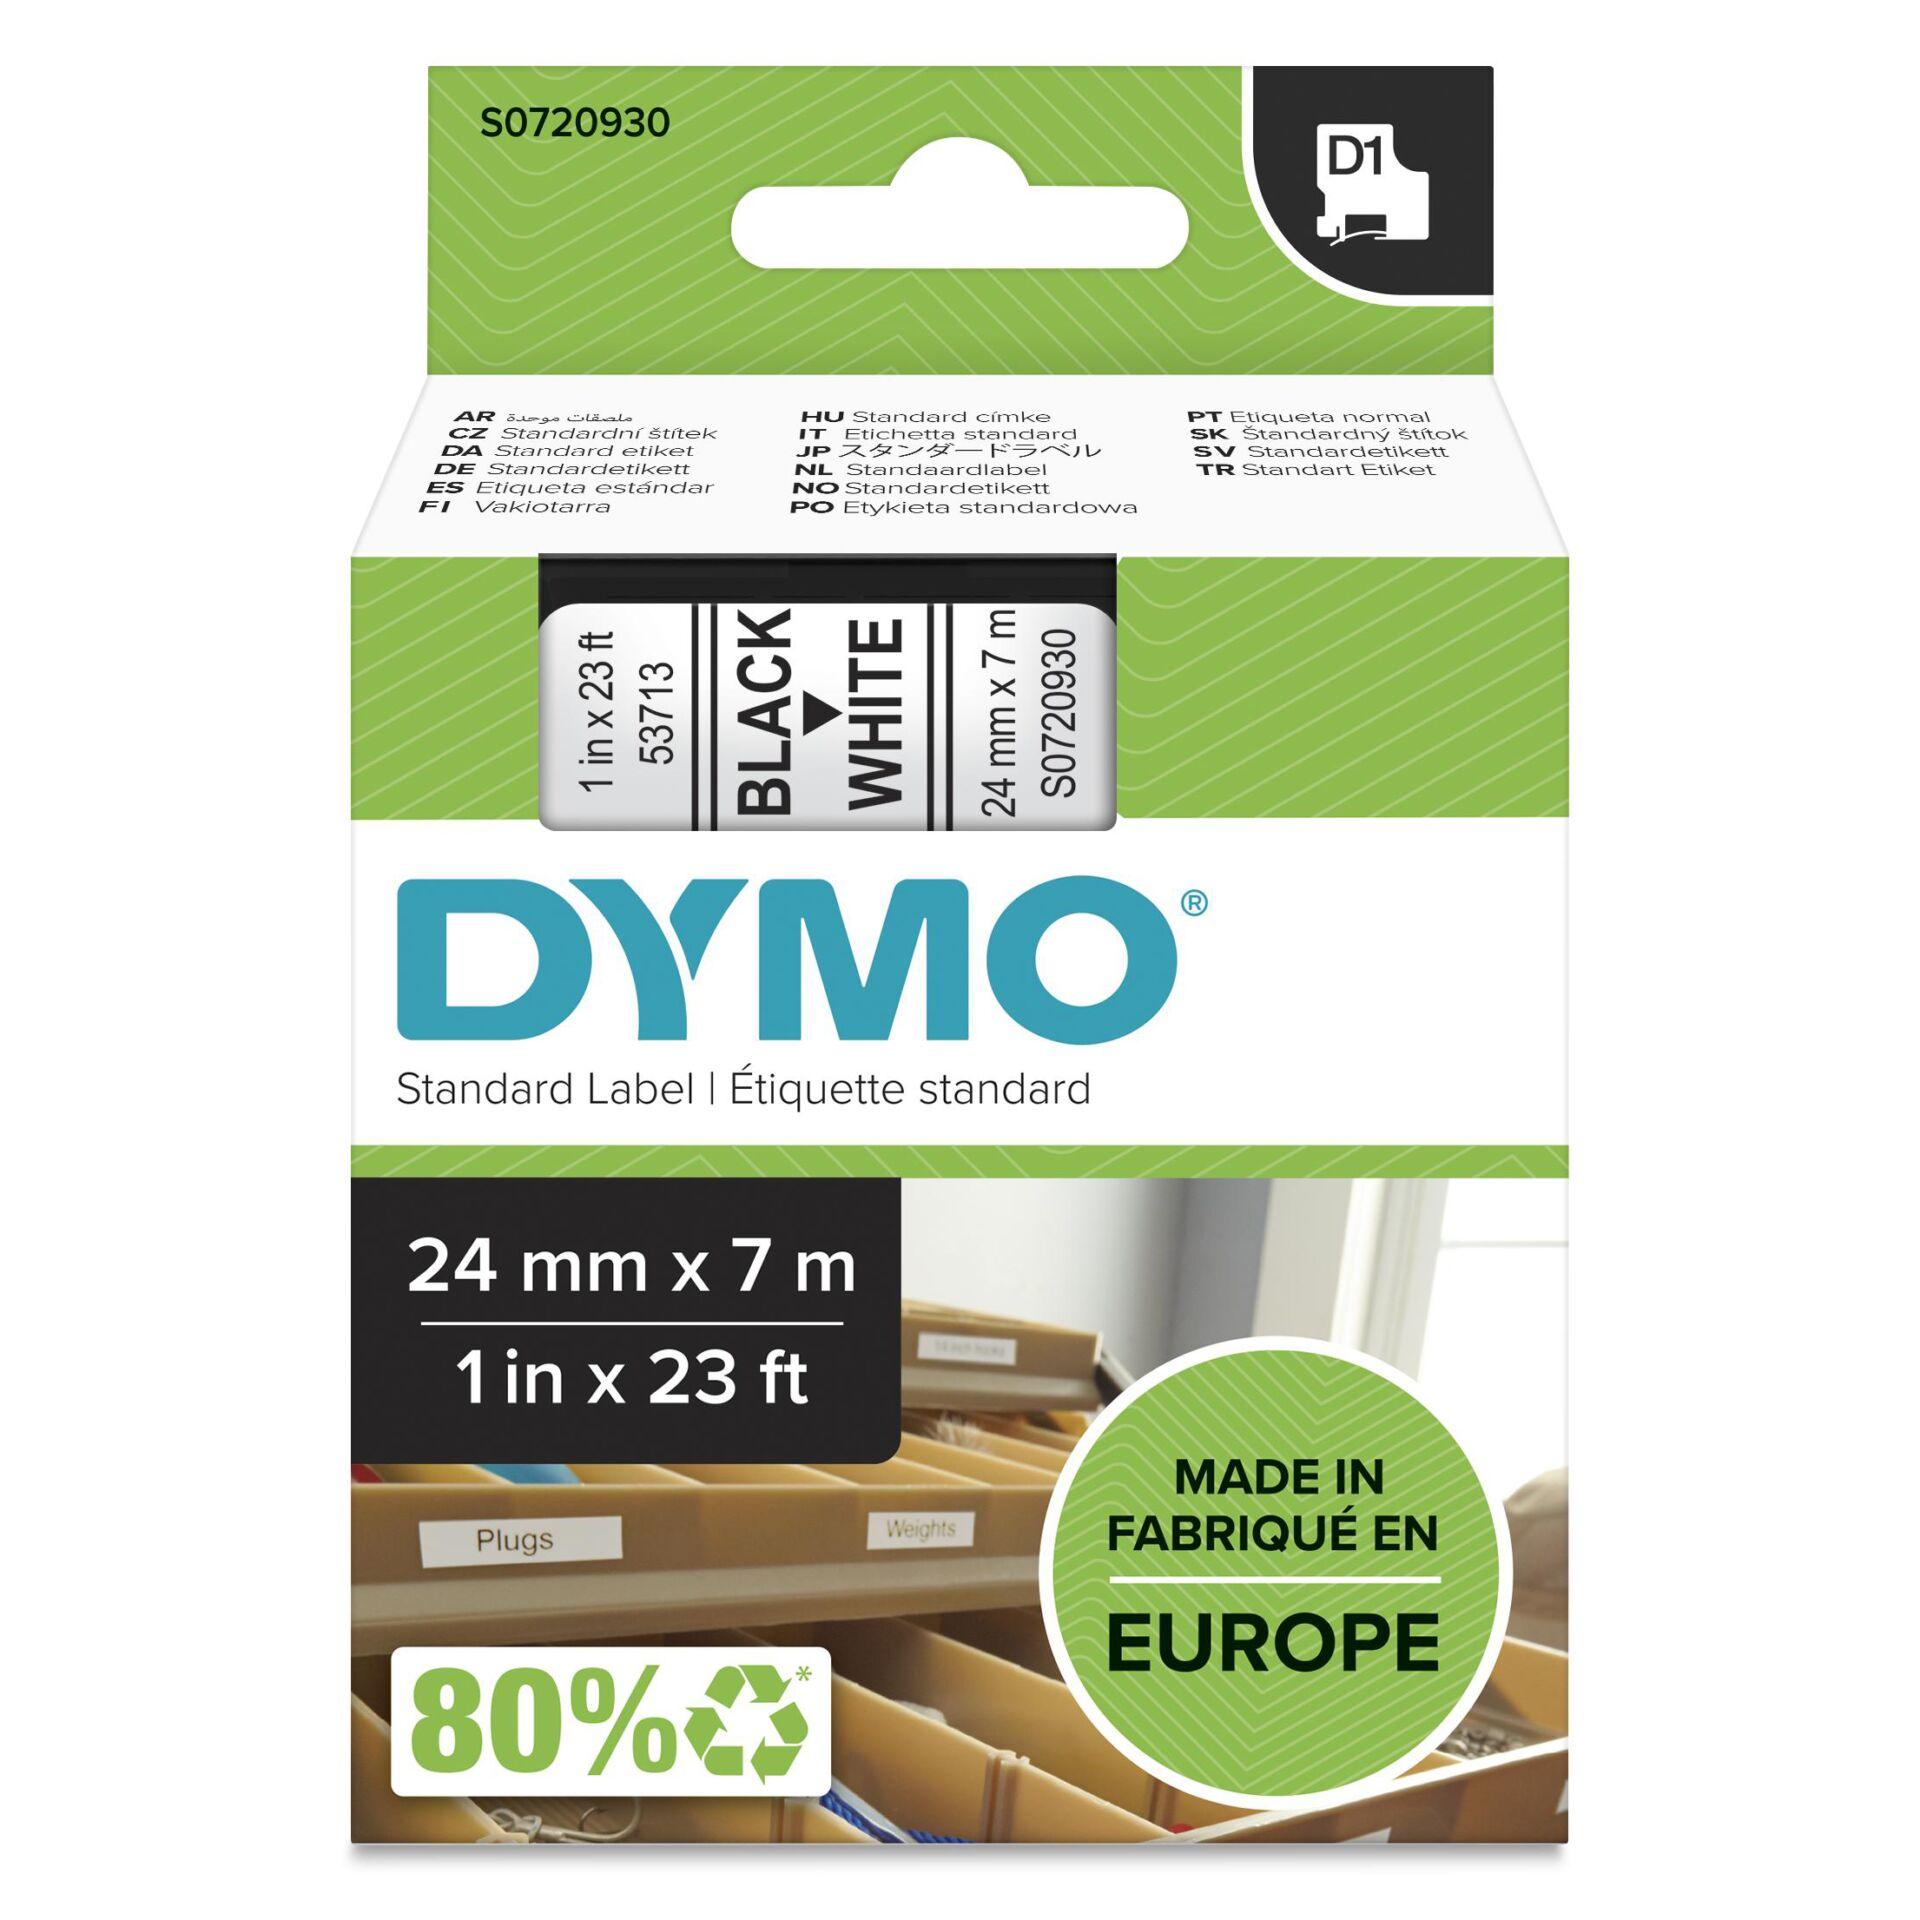 Dymo D1 Schriftband 24 mm x 7 m schwarz auf weiß           53713